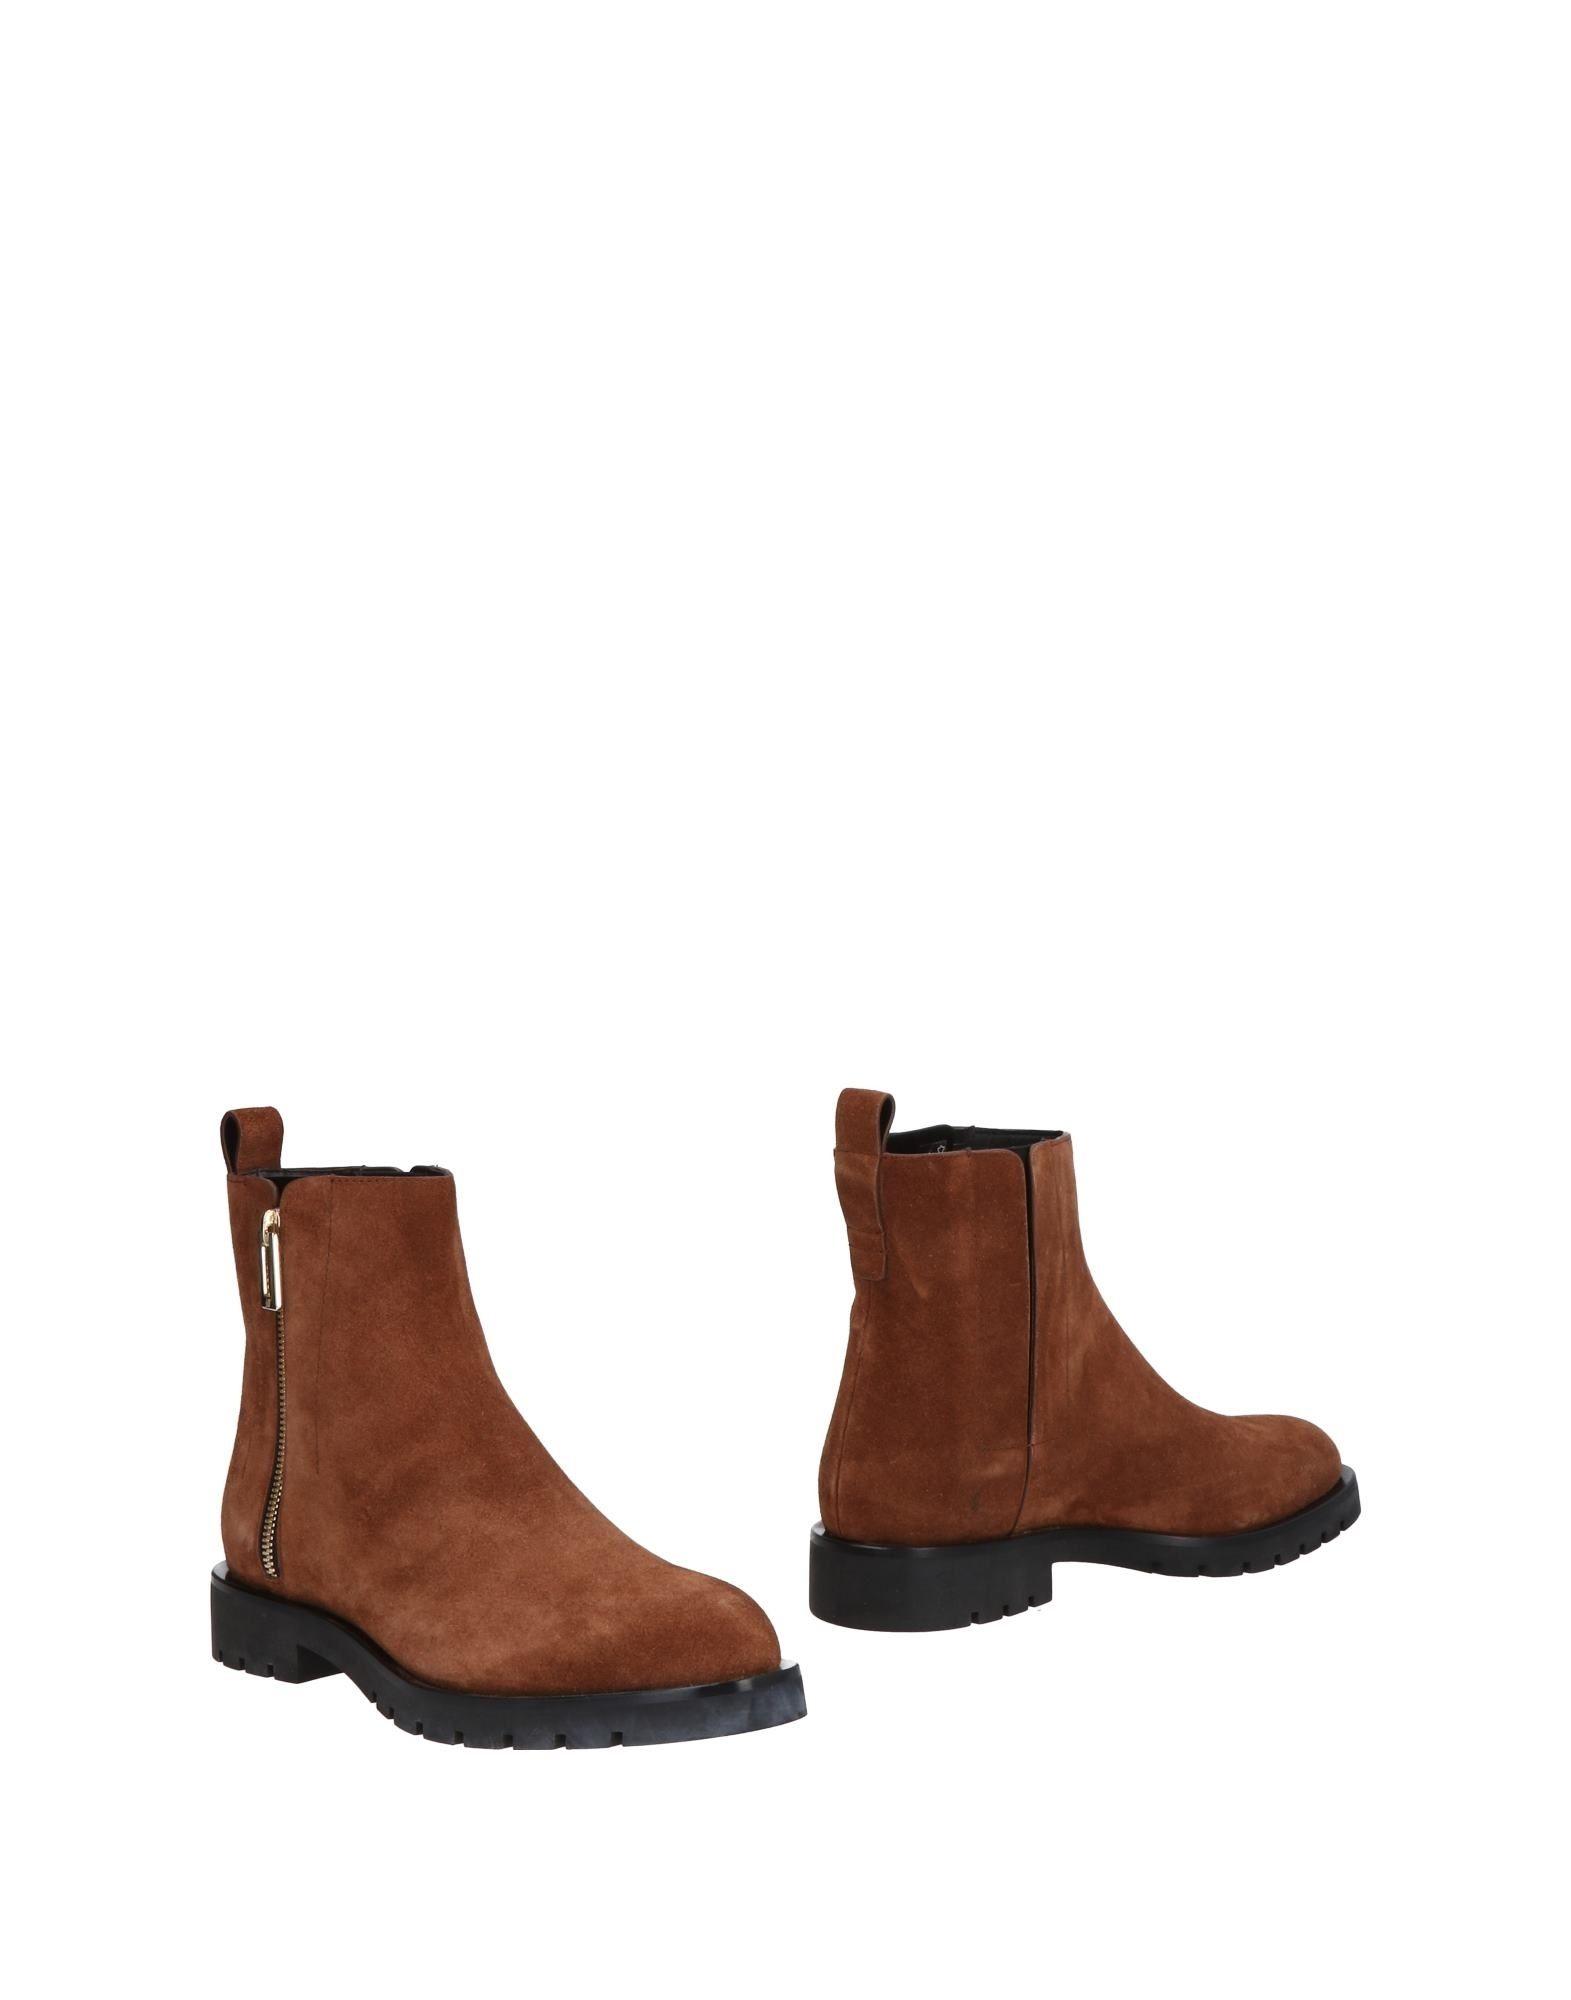 Bottine Roger Vivier Femme - Bottines Roger Vivier Camel Nouvelles chaussures pour hommes et femmes, remise limitée dans le temps